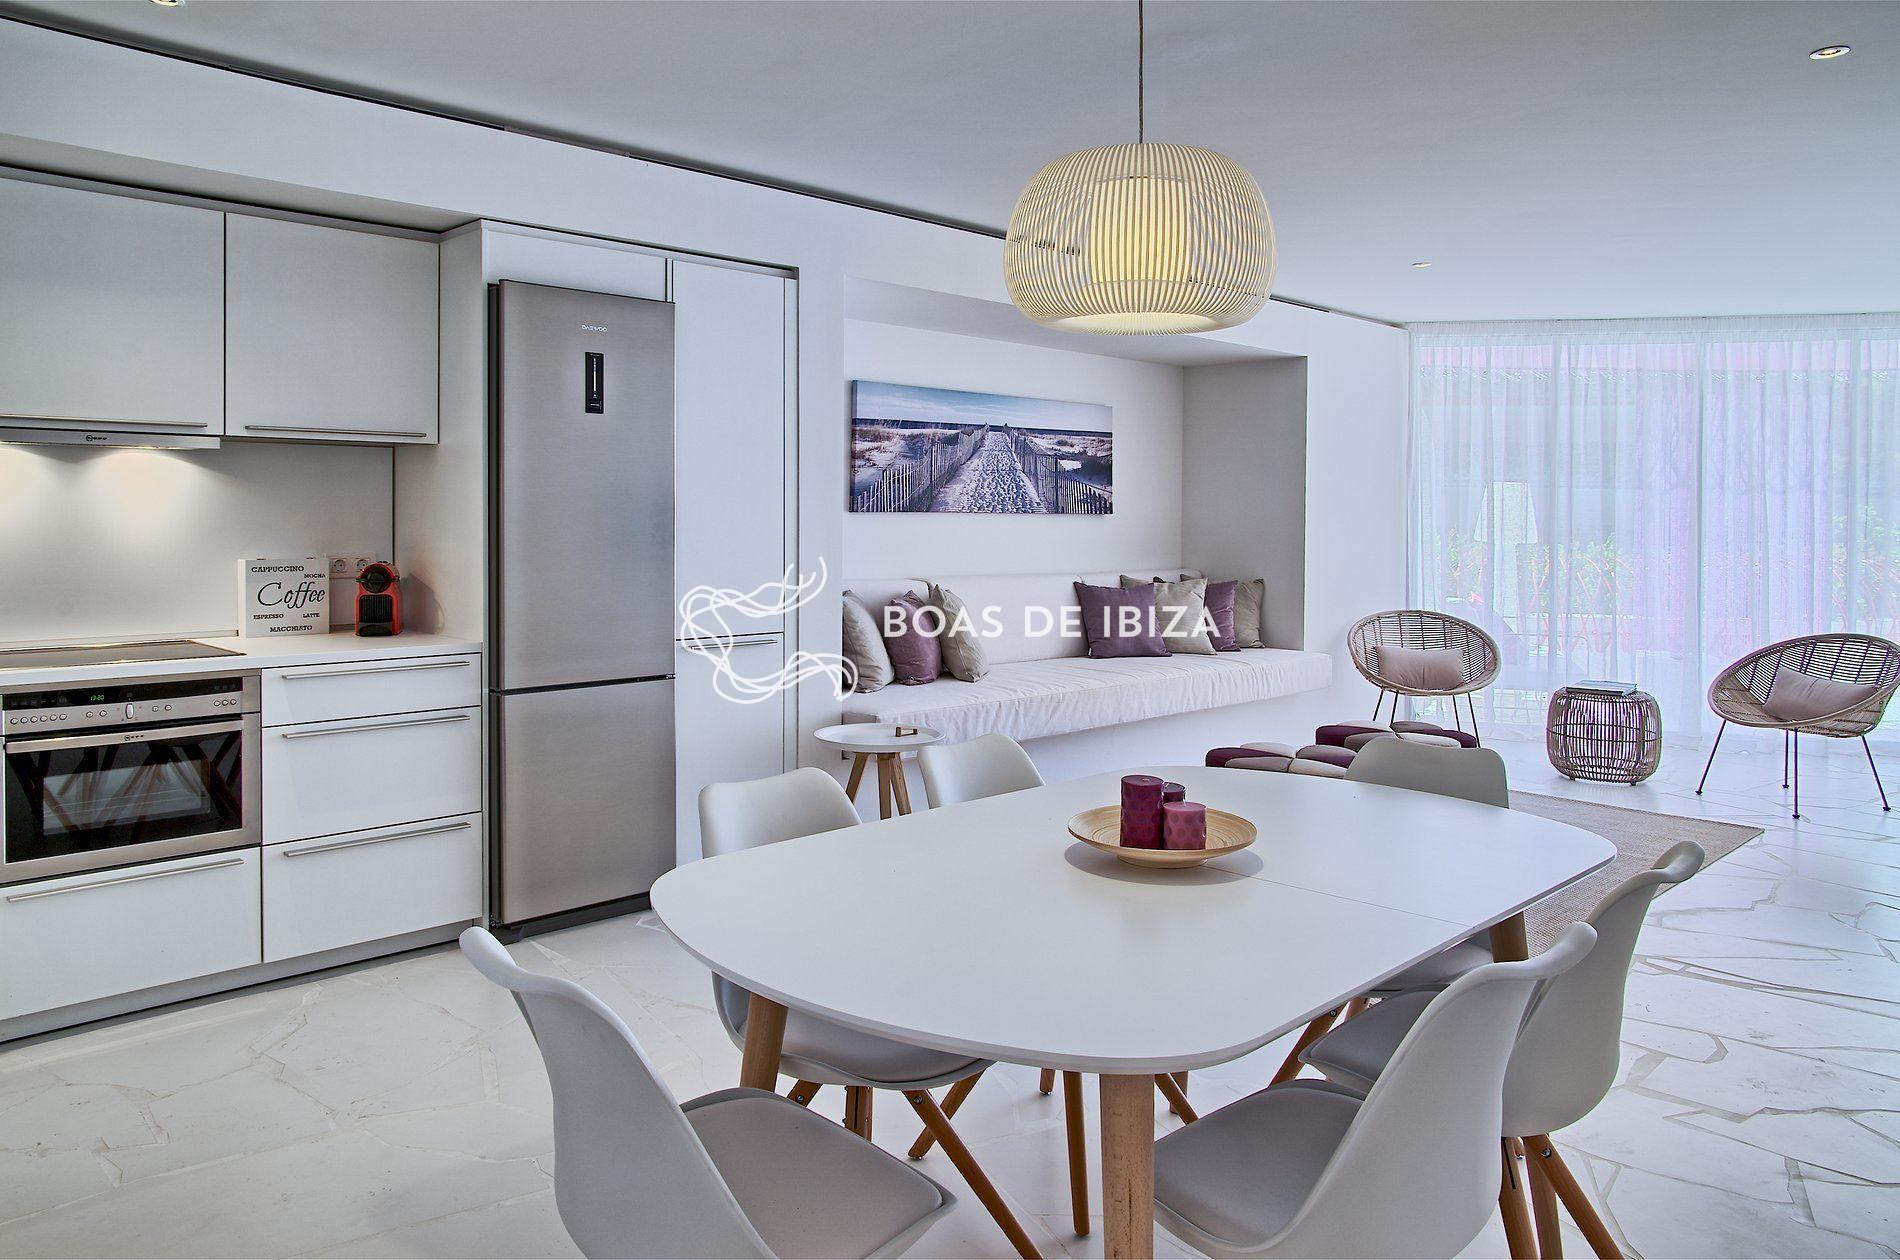 Apartment portulaca boas de ibiza for Cocina 6 metros cuadrados